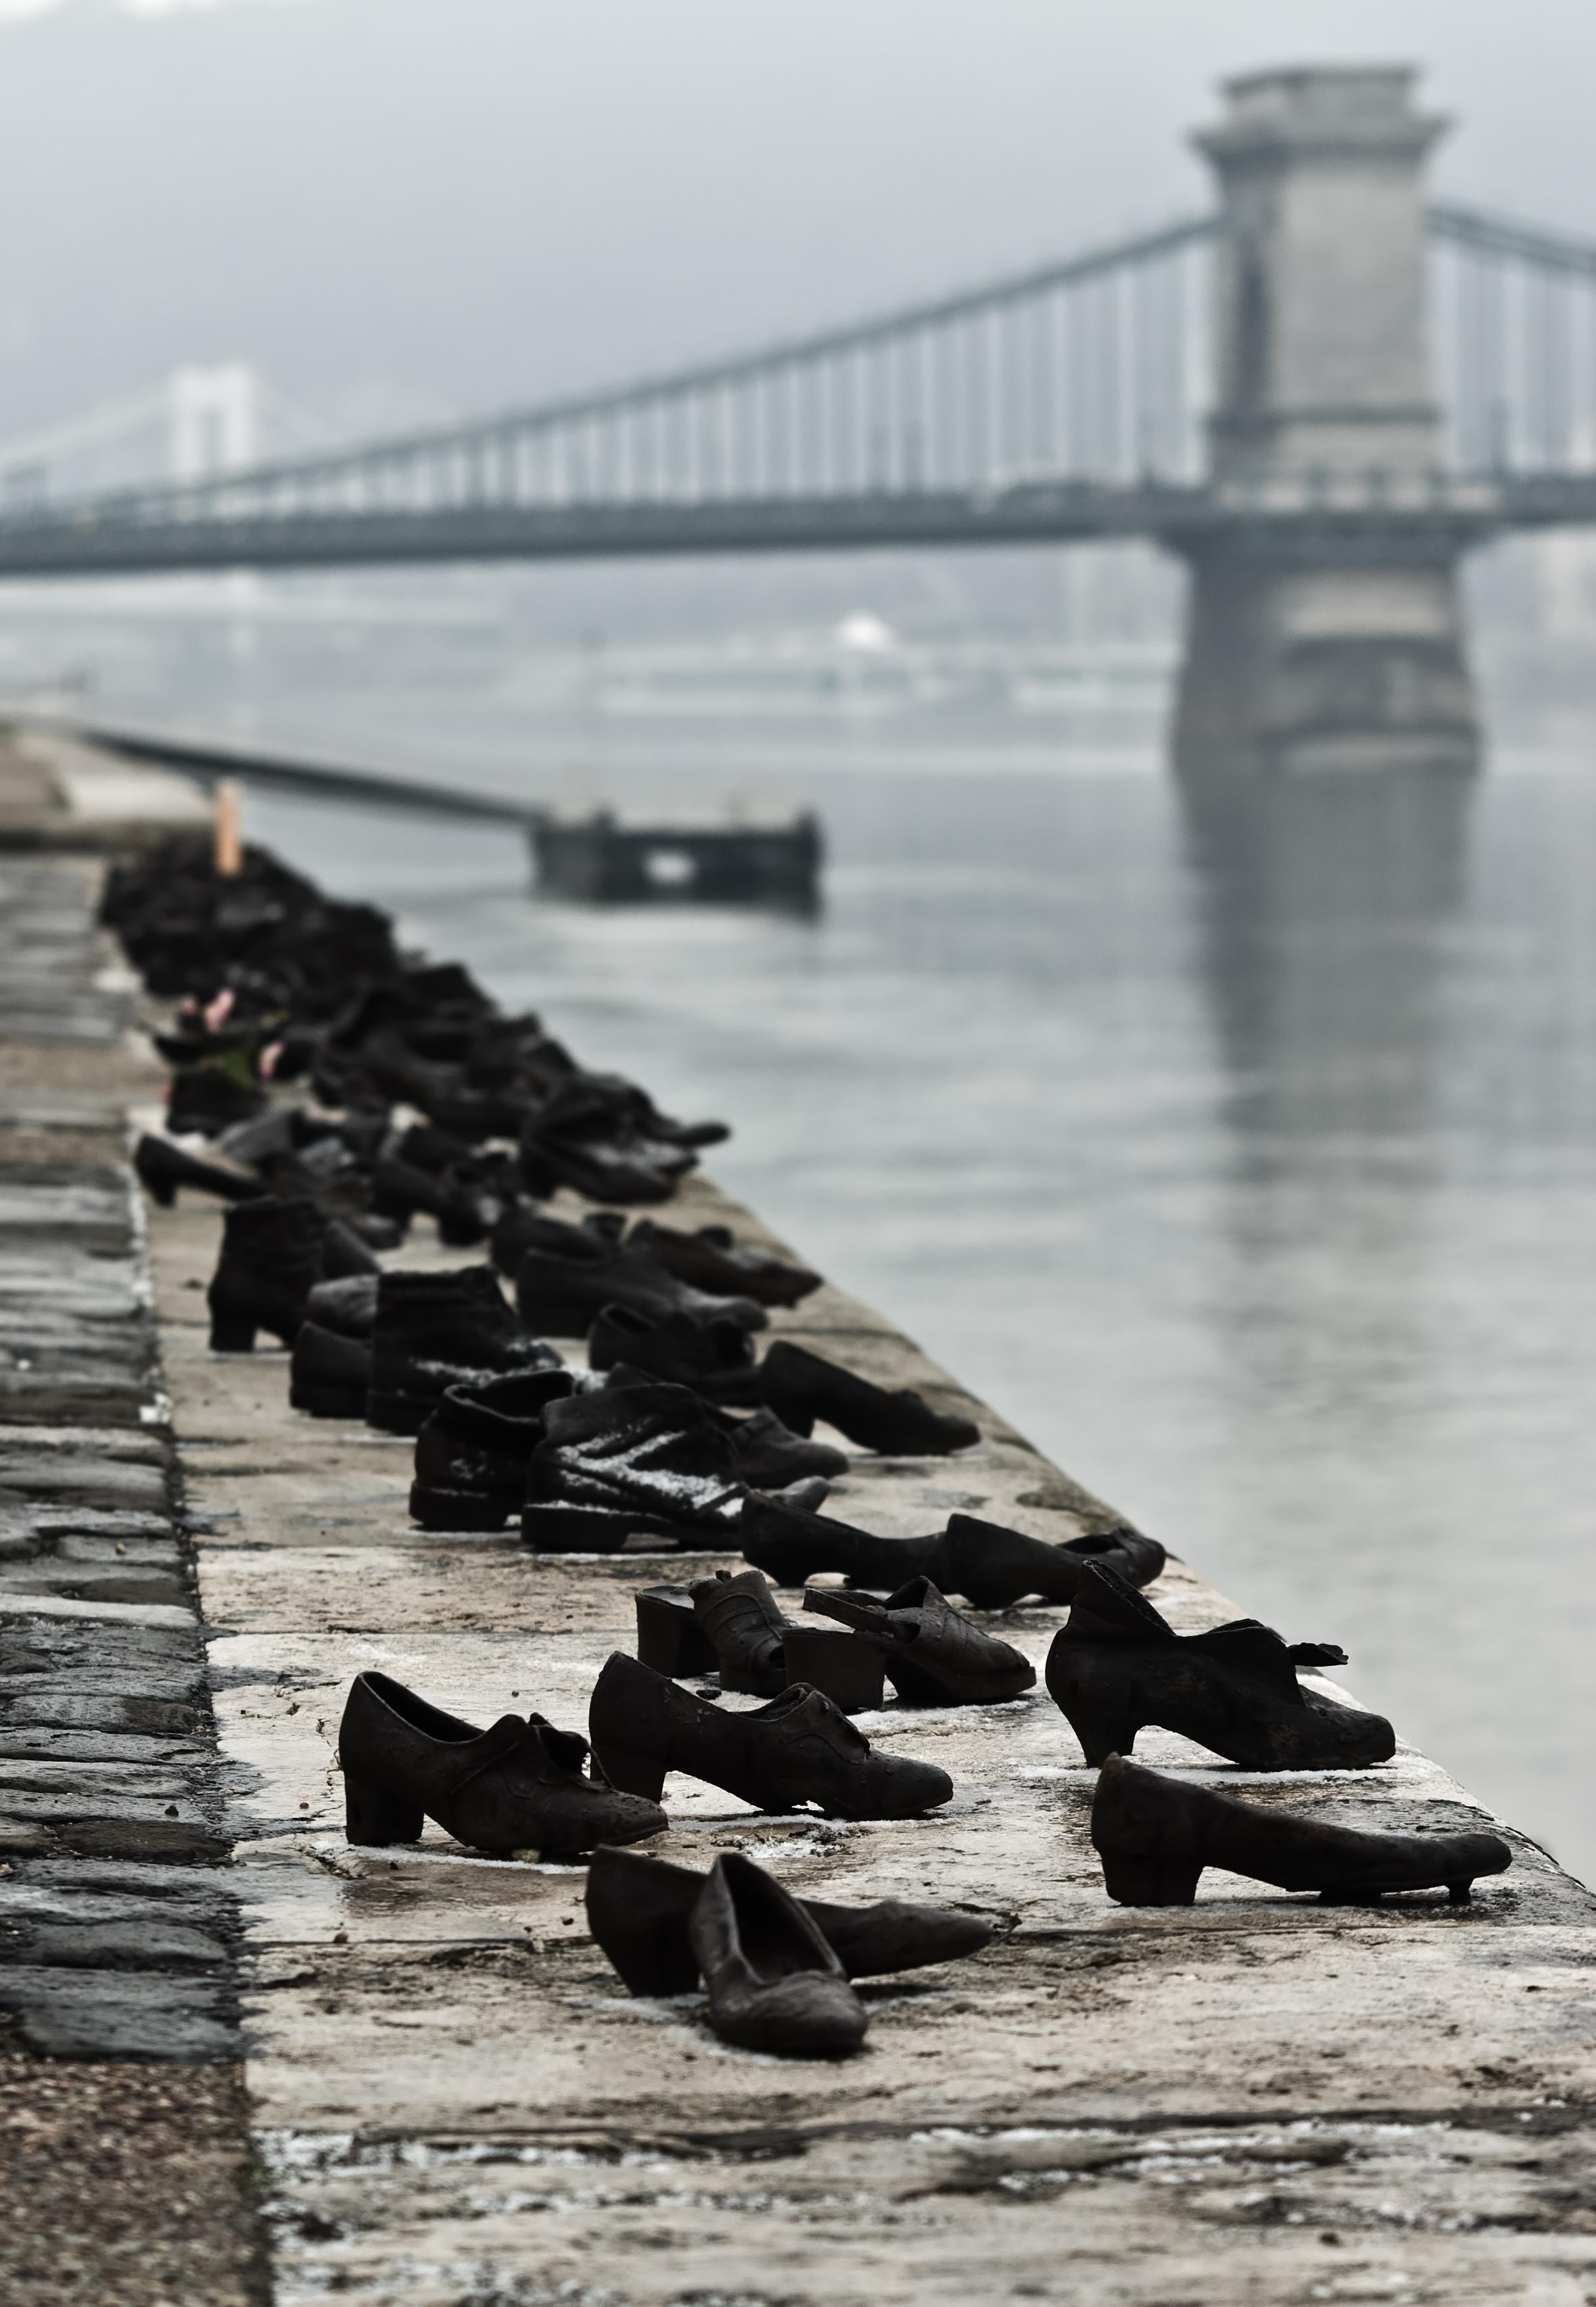 Shoes Danube Promenade IMGP1297.jpg